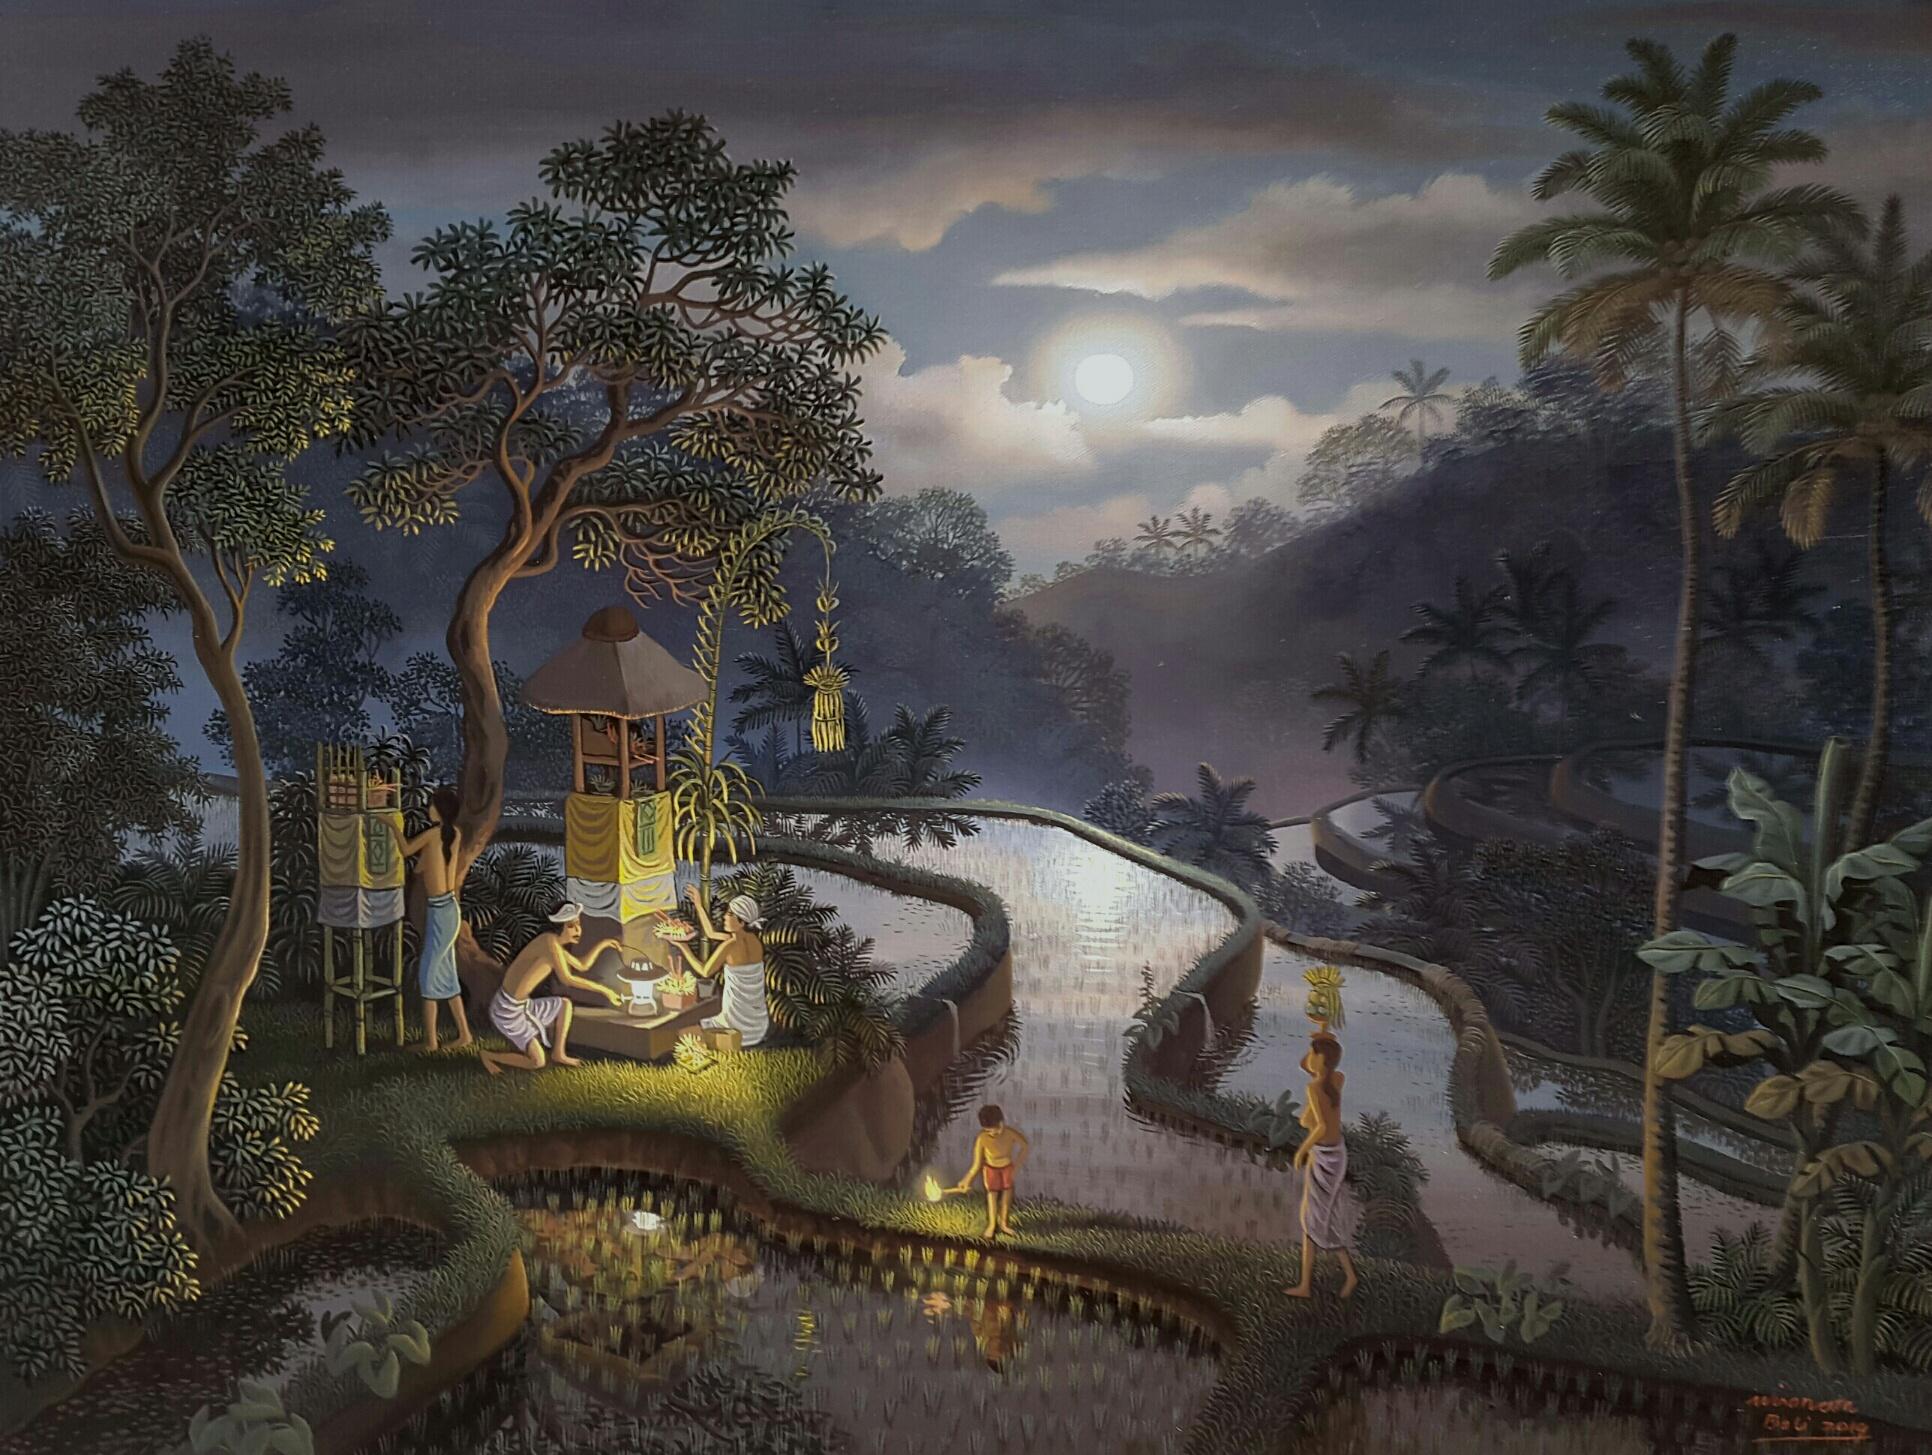 ウィラナタ『満月の夜に』